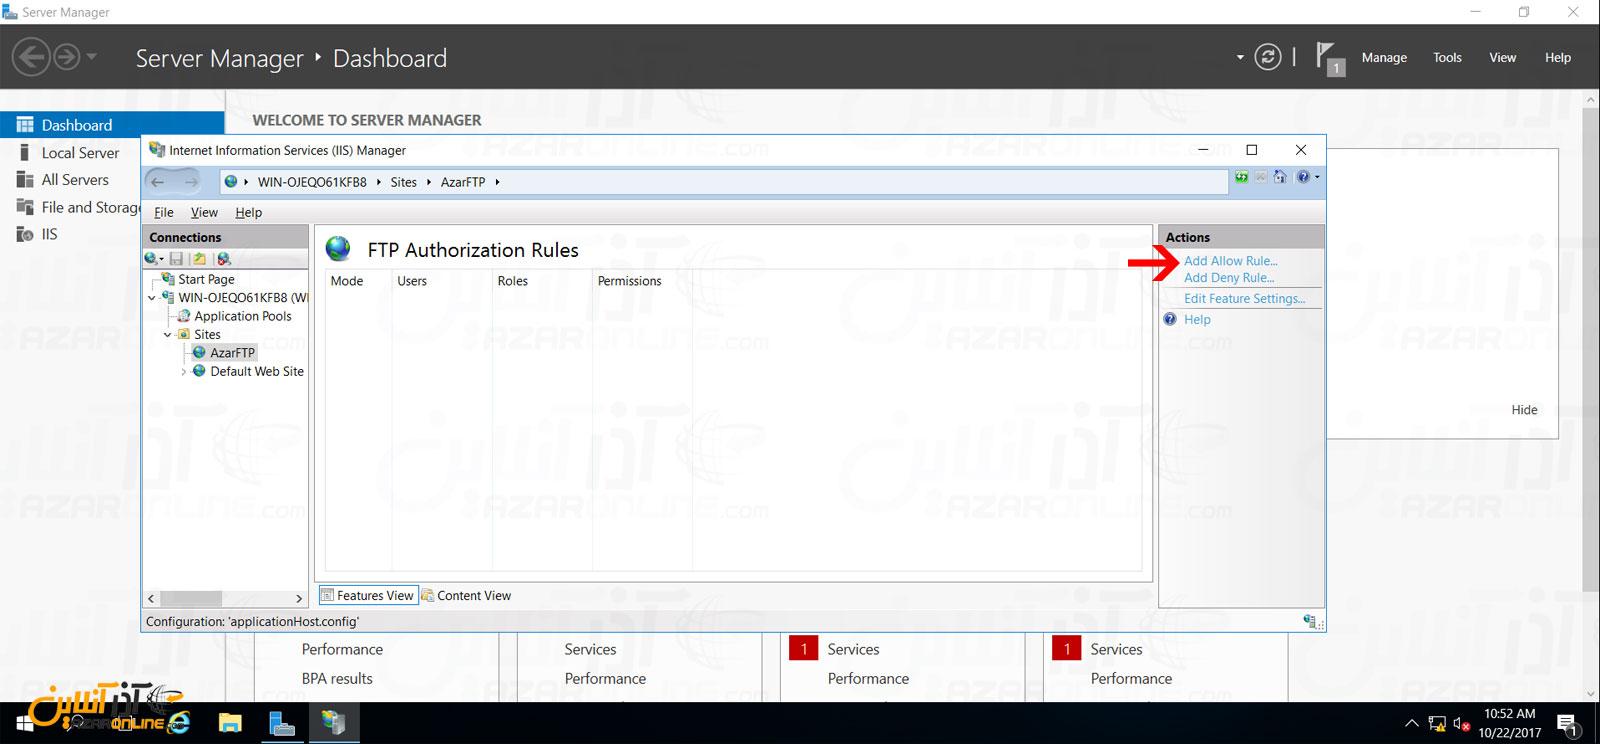 نحوه اضافه کردن رول Authorization در FTP ویندوز سرور